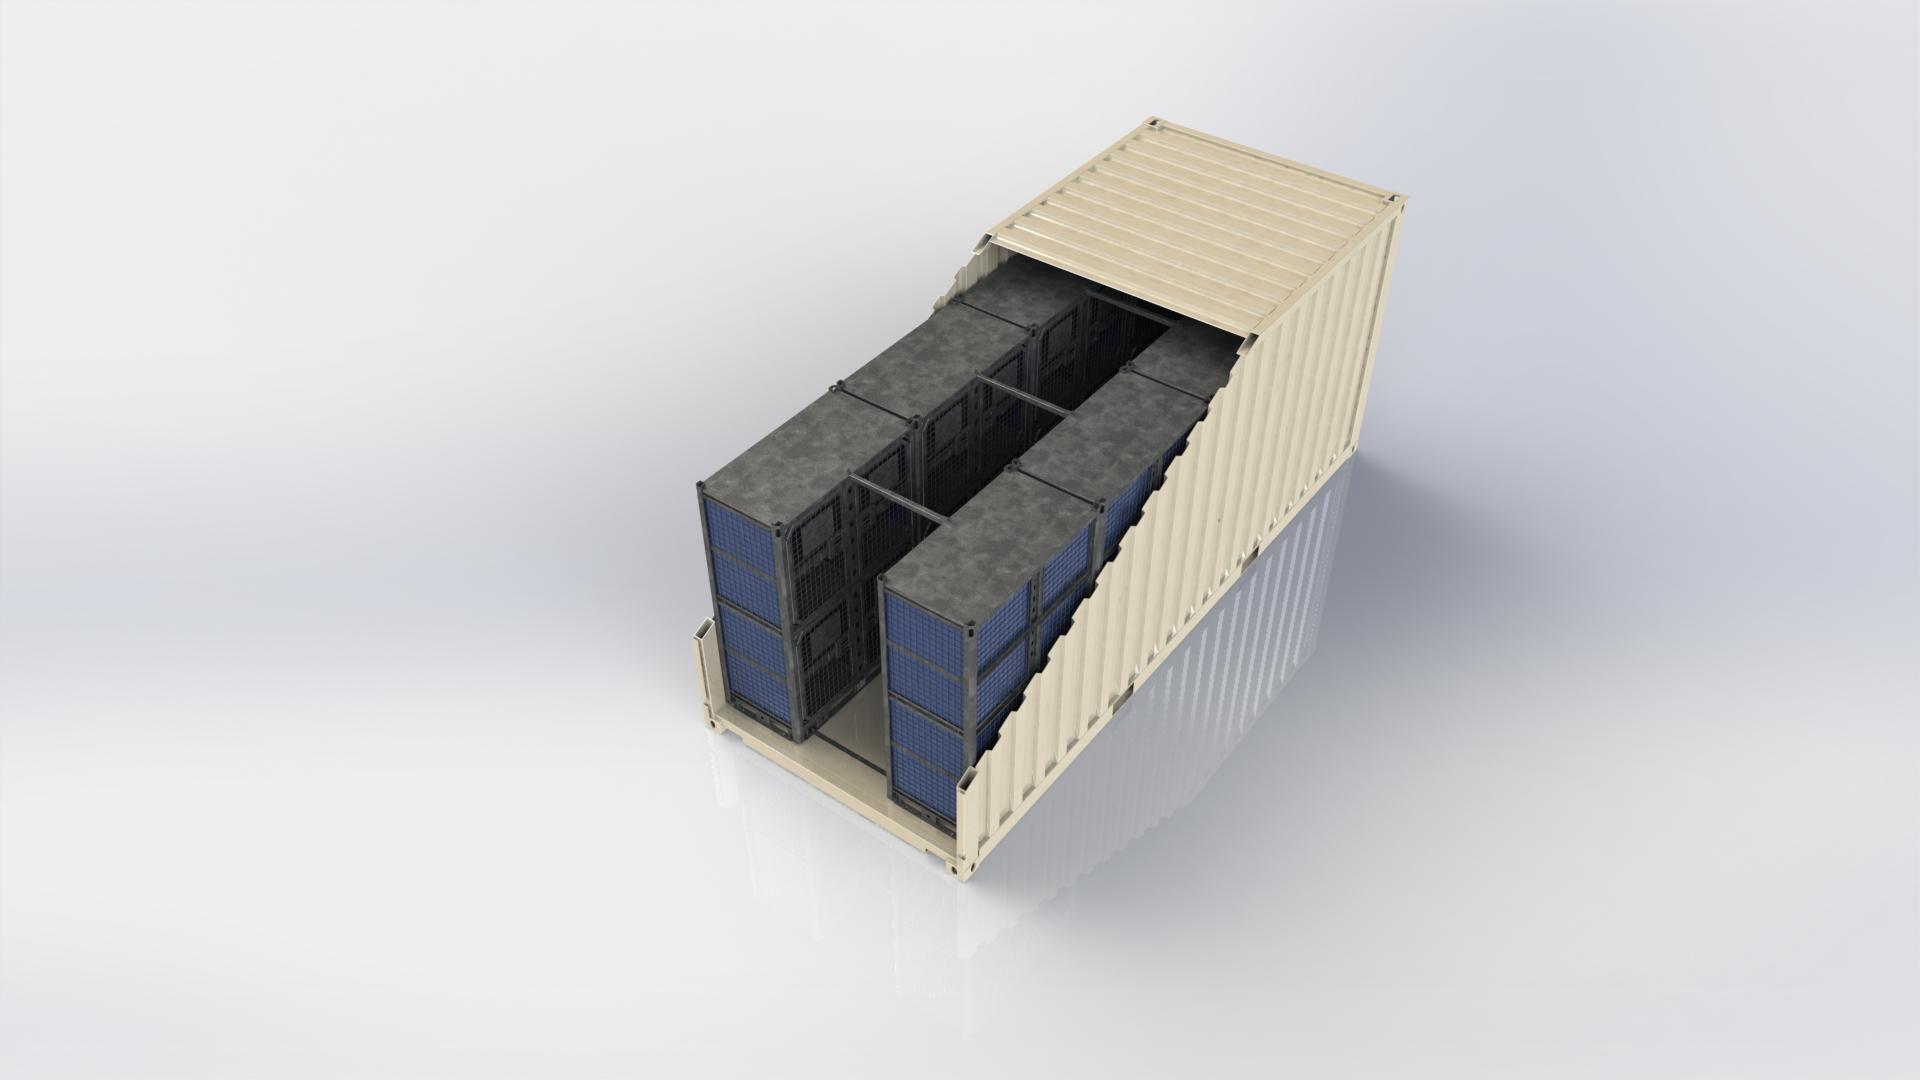 QUADLOCKER CWL Kit for 20ft